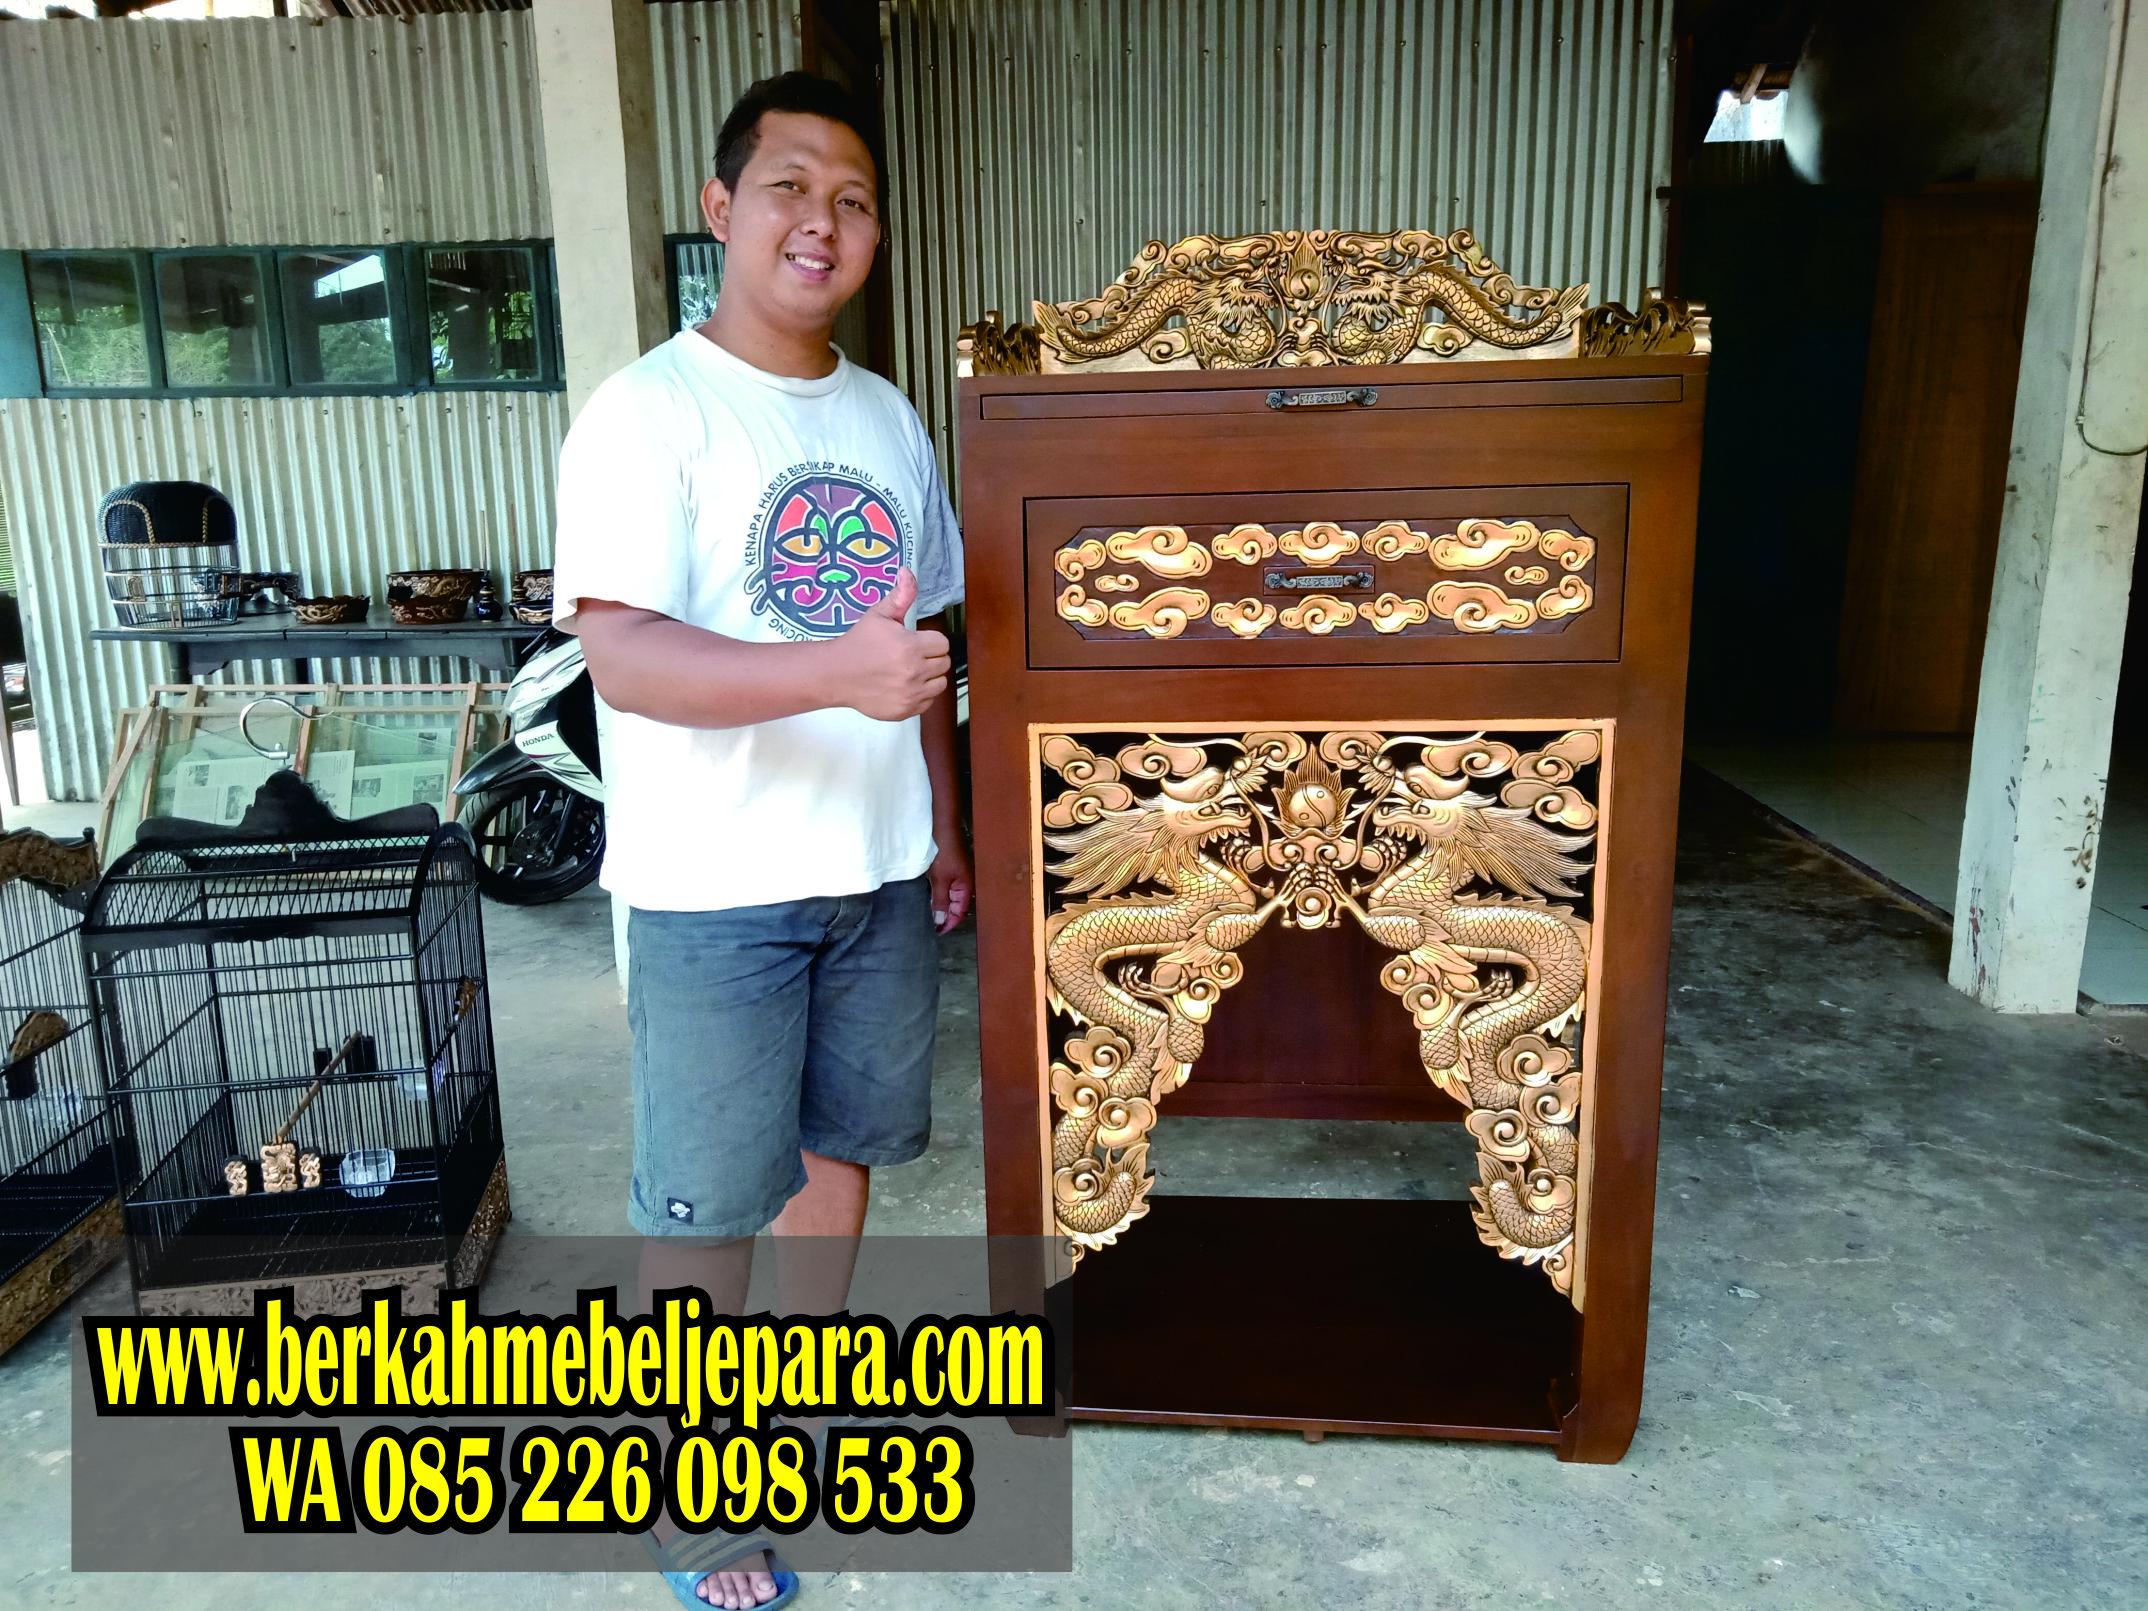 Ukuran Meja Altar Sembahyang